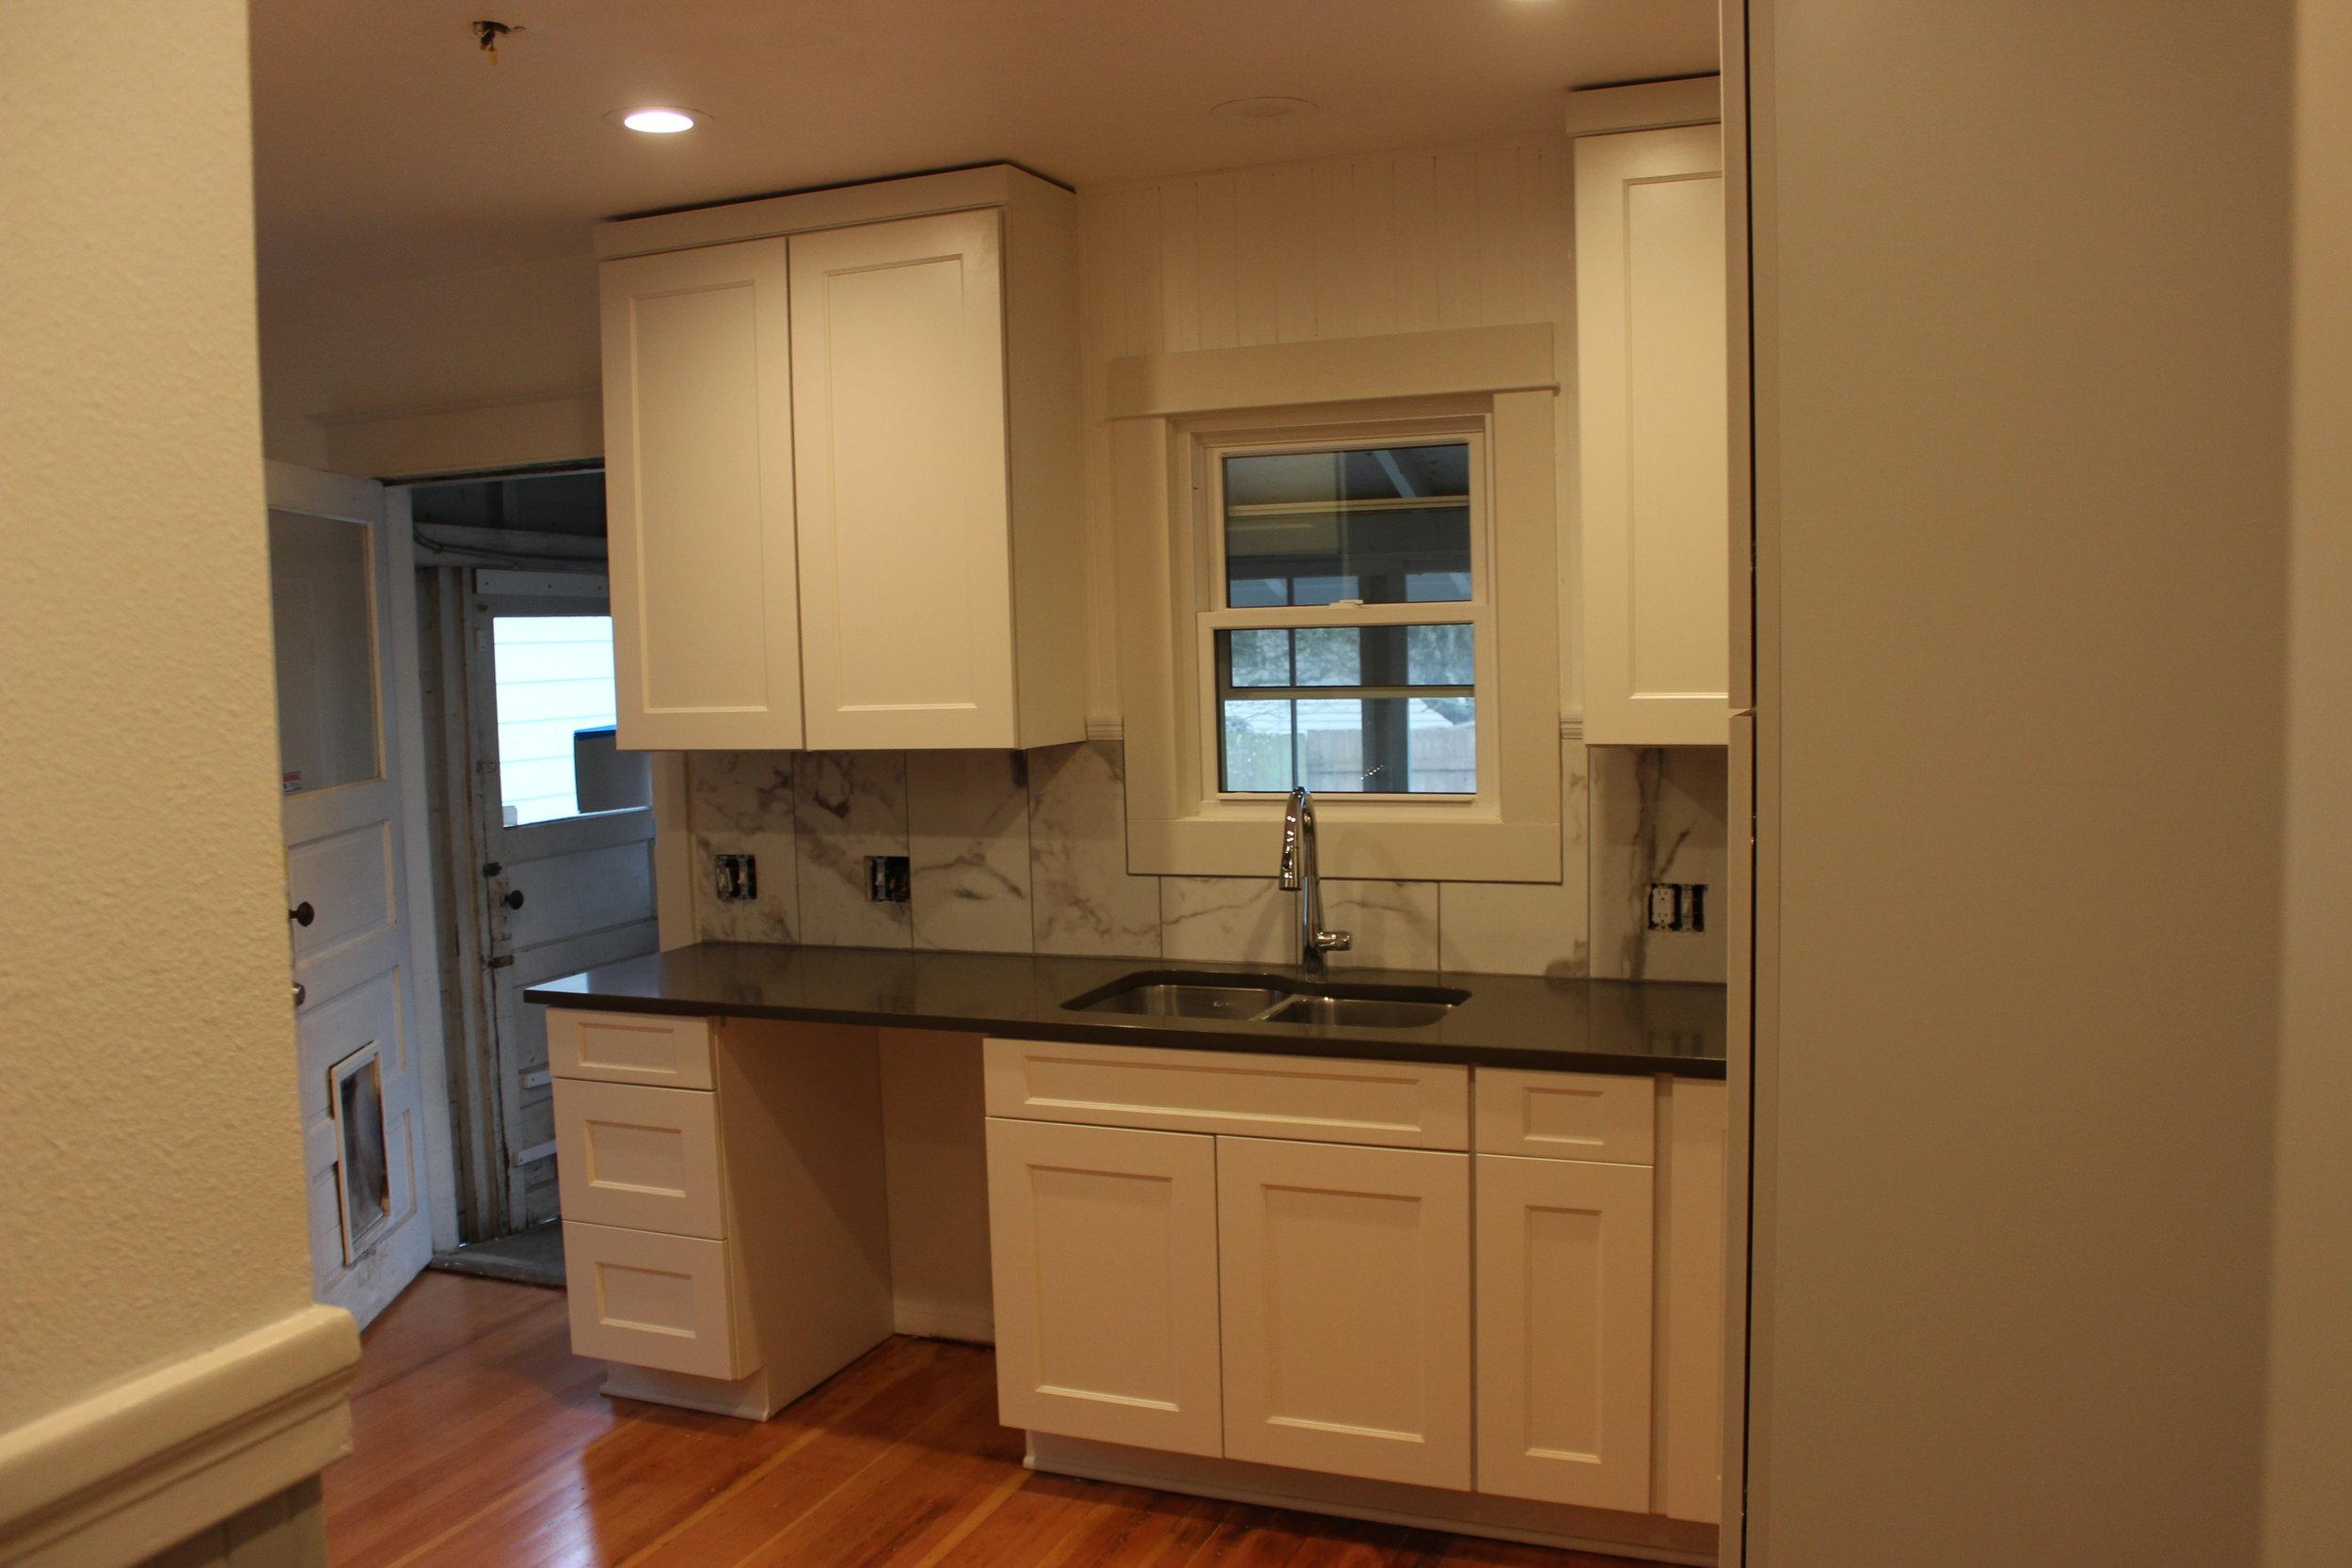 Kitchen-1-after.JPG